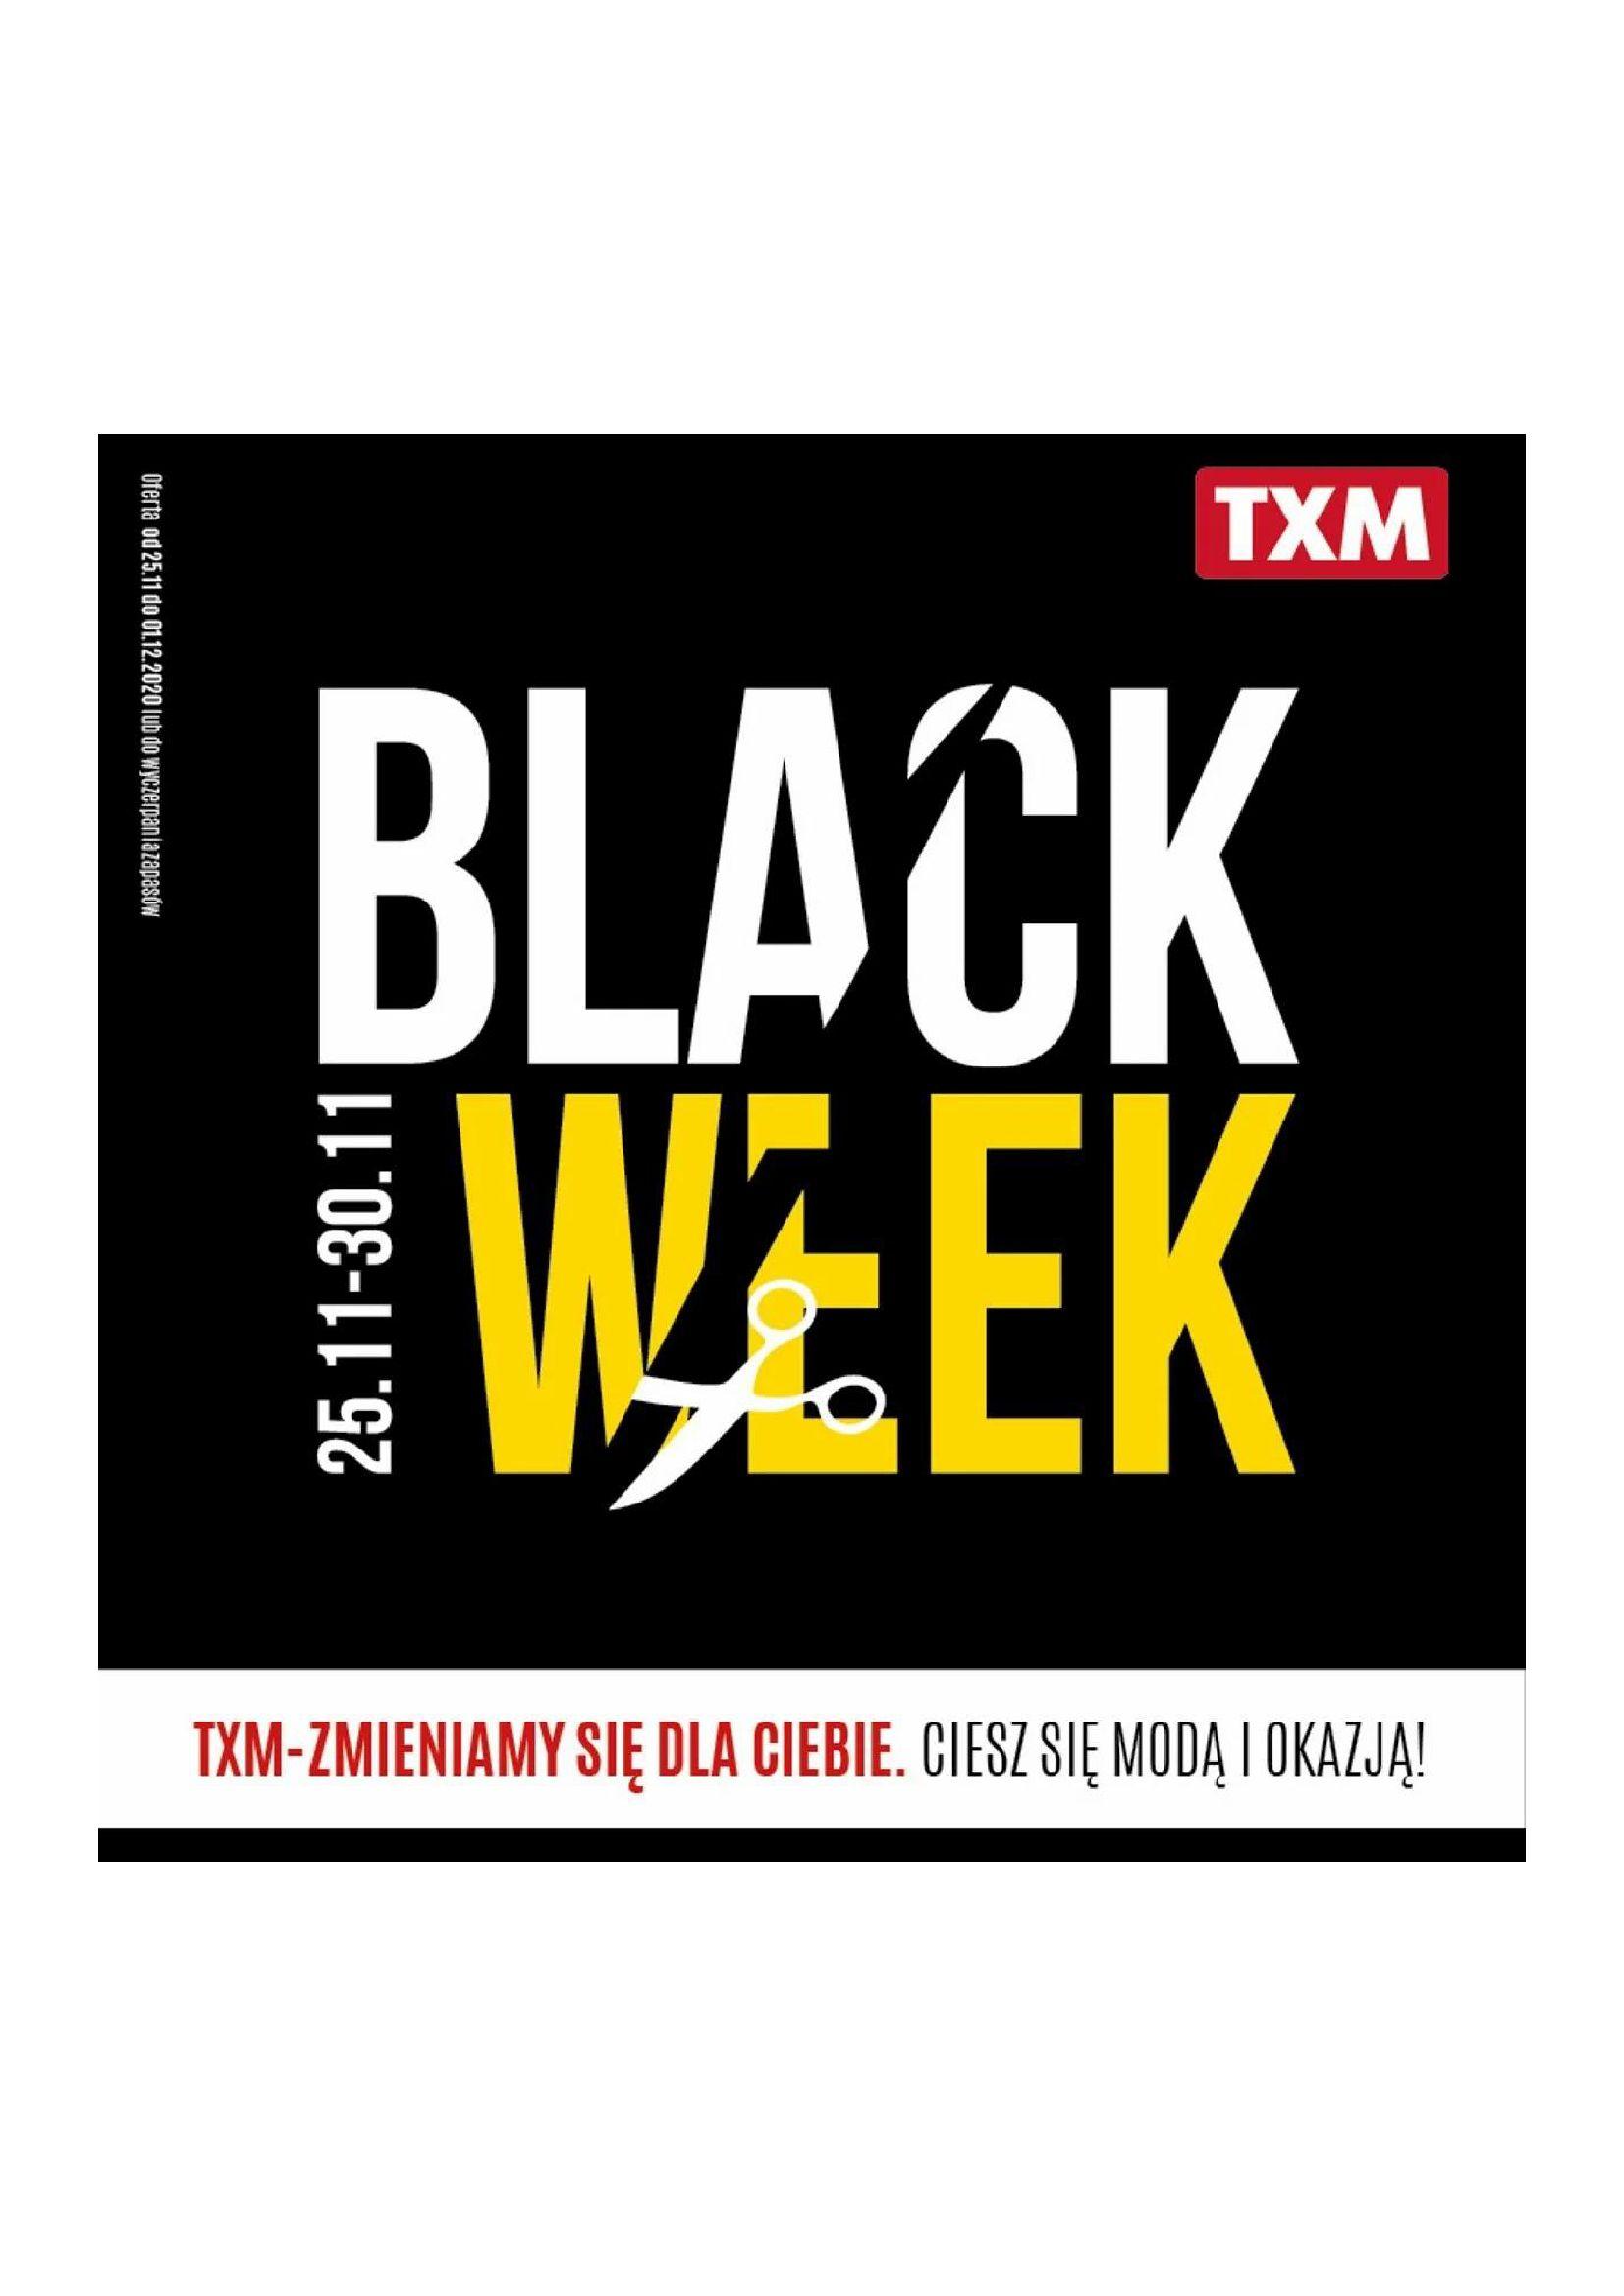 TXM textilmarket:  BLACK WEEK 24.11.2020